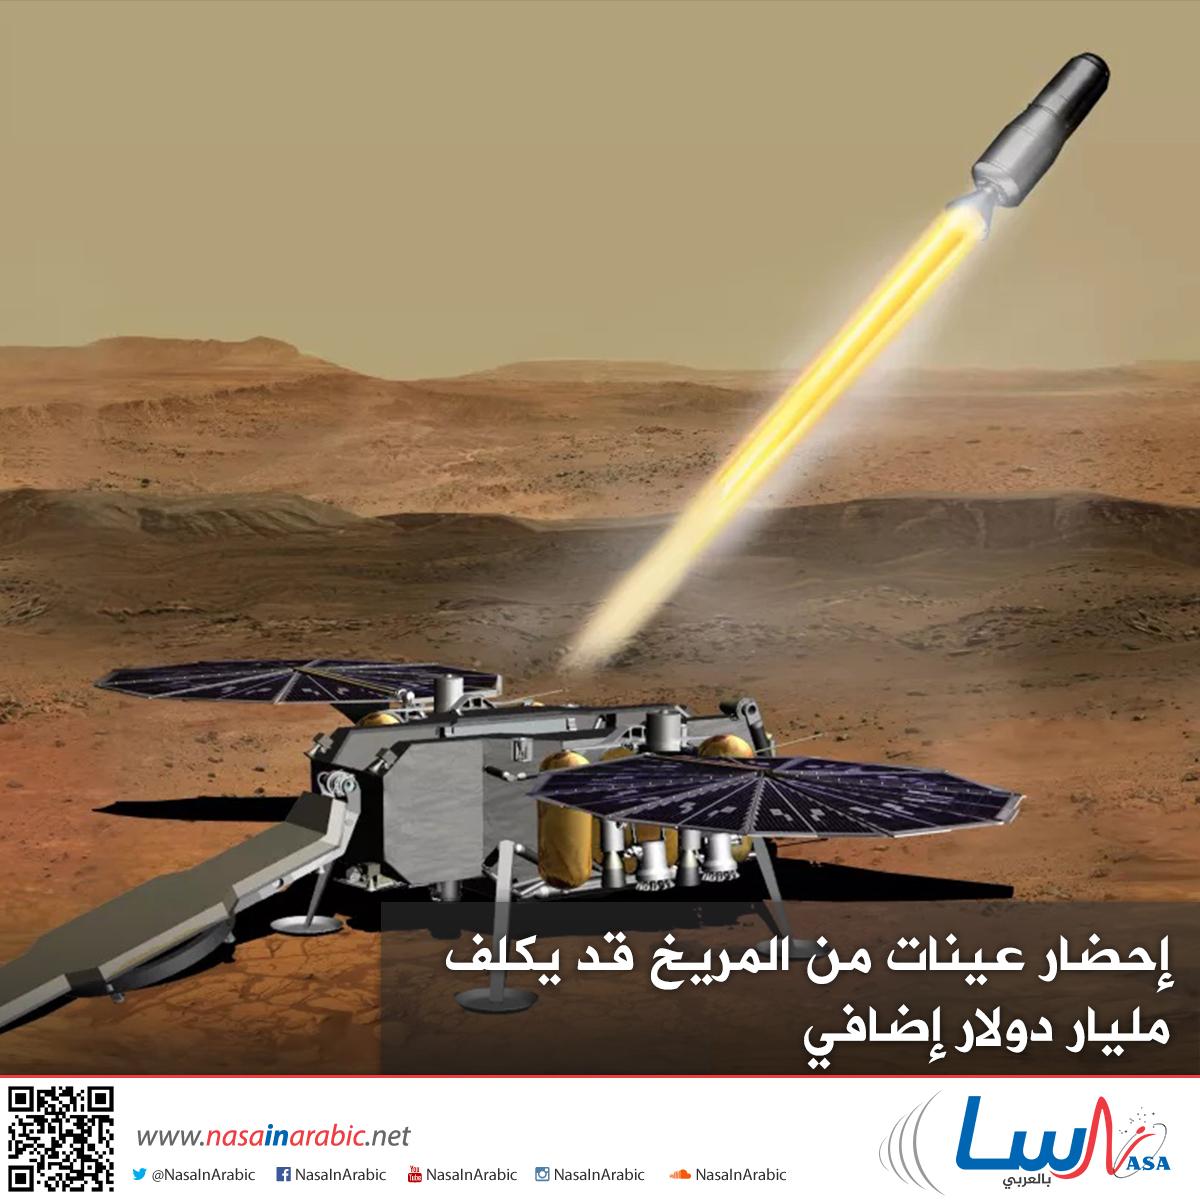 إحضار عينات من المريخ قد يكلف مليار دولار إضافي